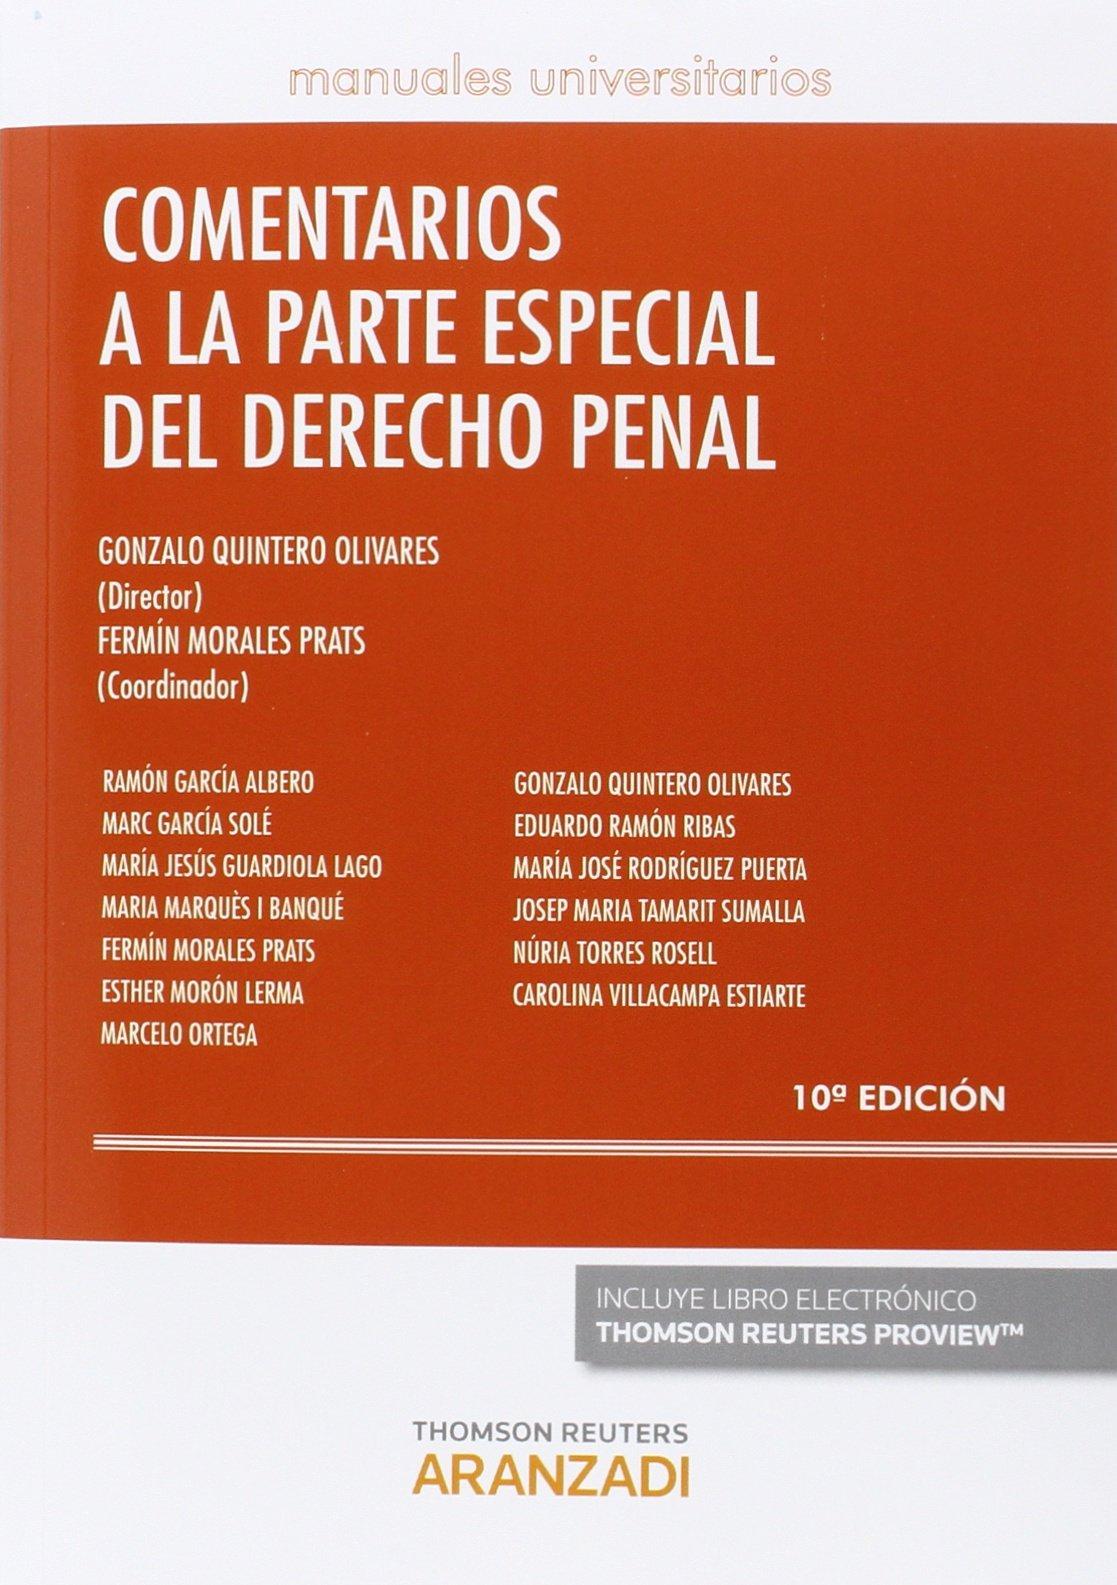 Comentarios Partes Especial Derecho Penal (Manuales) Tapa blanda – 27 sep 2015 Gonzalo Quintero Olivares Aranzadi 8490985383 Derecho penal internacional